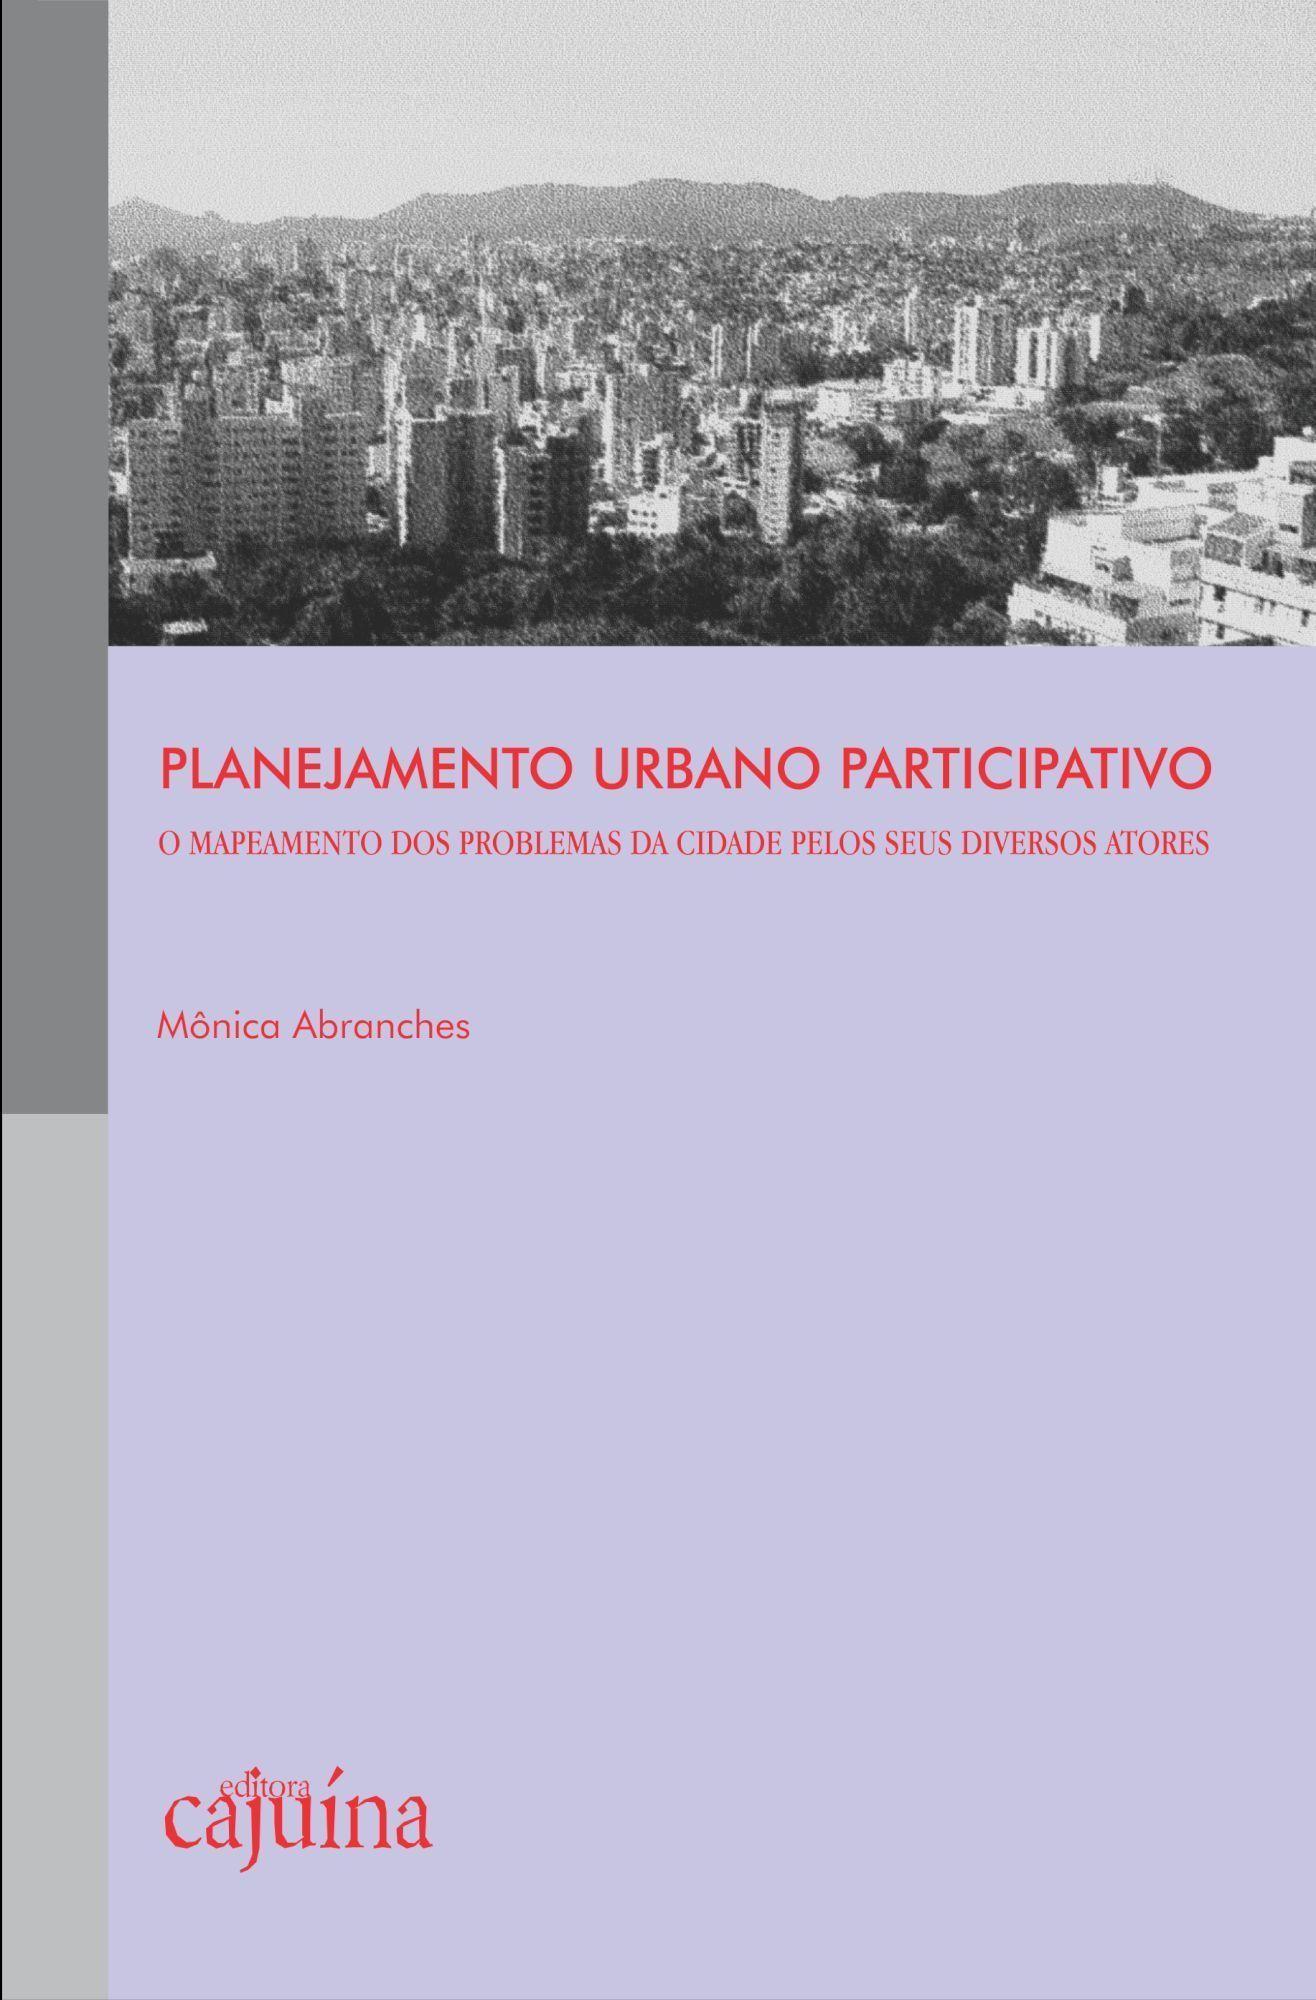 Planejamento urbano participativo - O mapeamento dos problemas da cidade pelos seus diversos atores, livro de Mônica Abranches